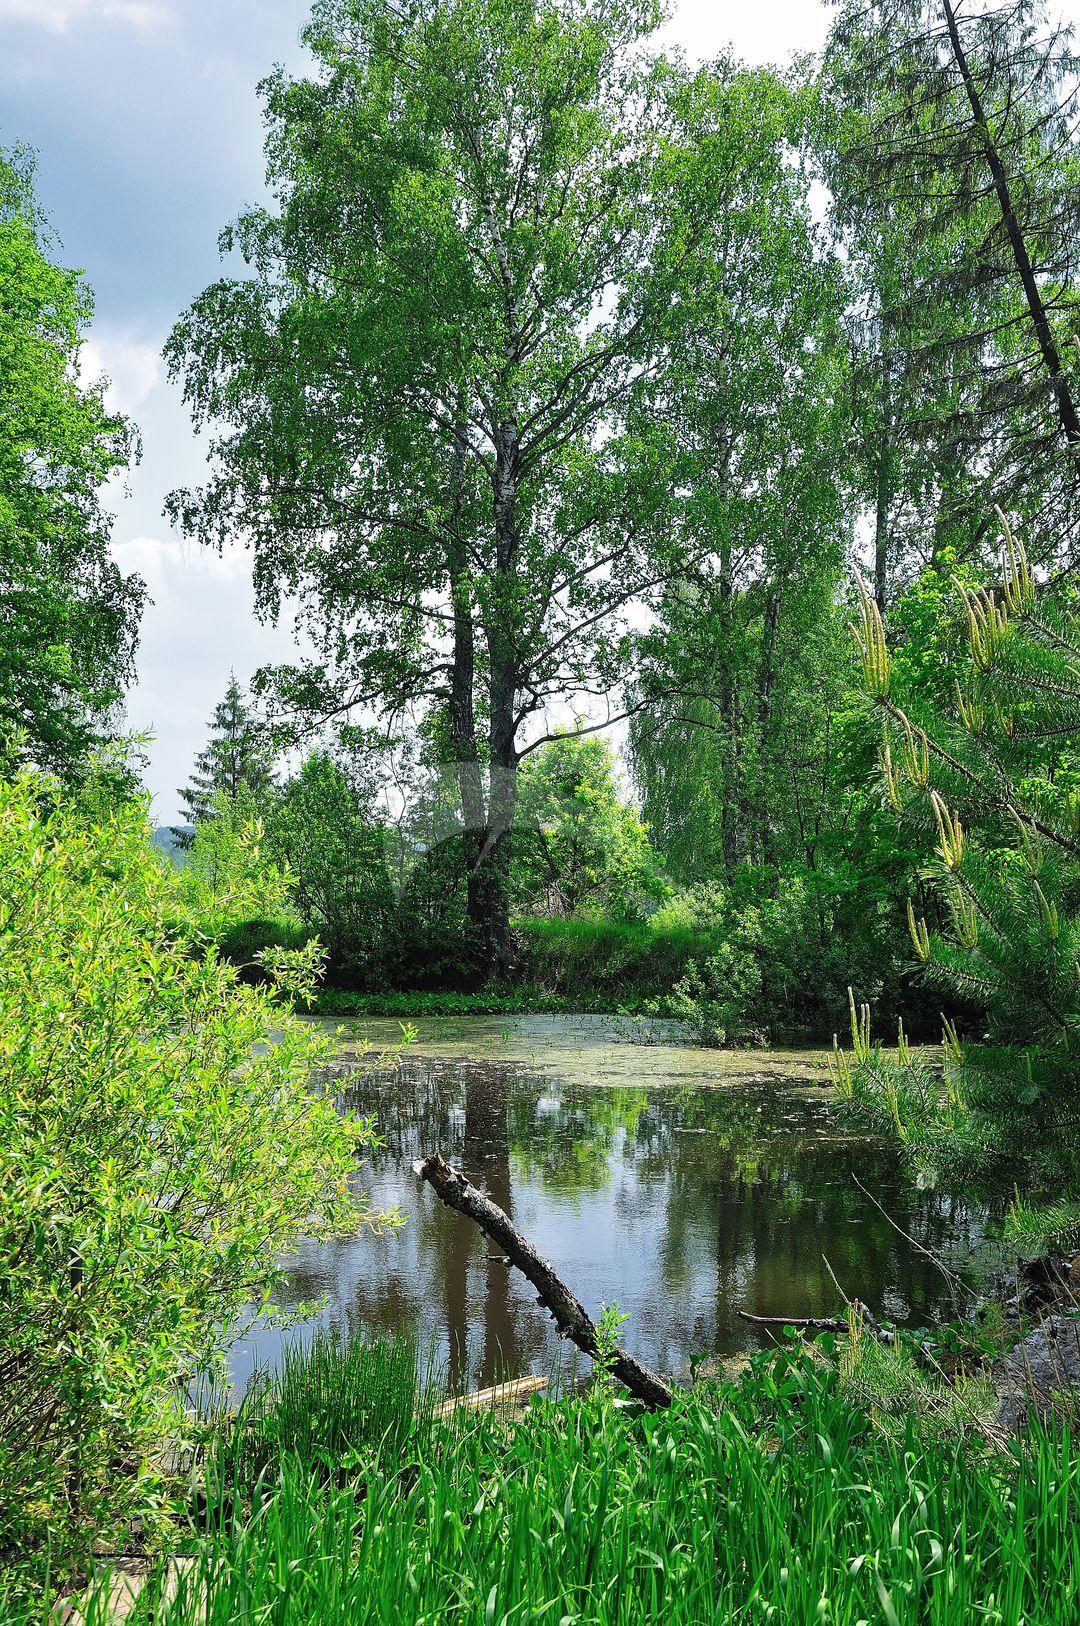 Парк, усадьба Урусова, усадьба «Спасское-Торбеево», где в 1889 г. жил и работал писатель Толстой Лев Николаевич